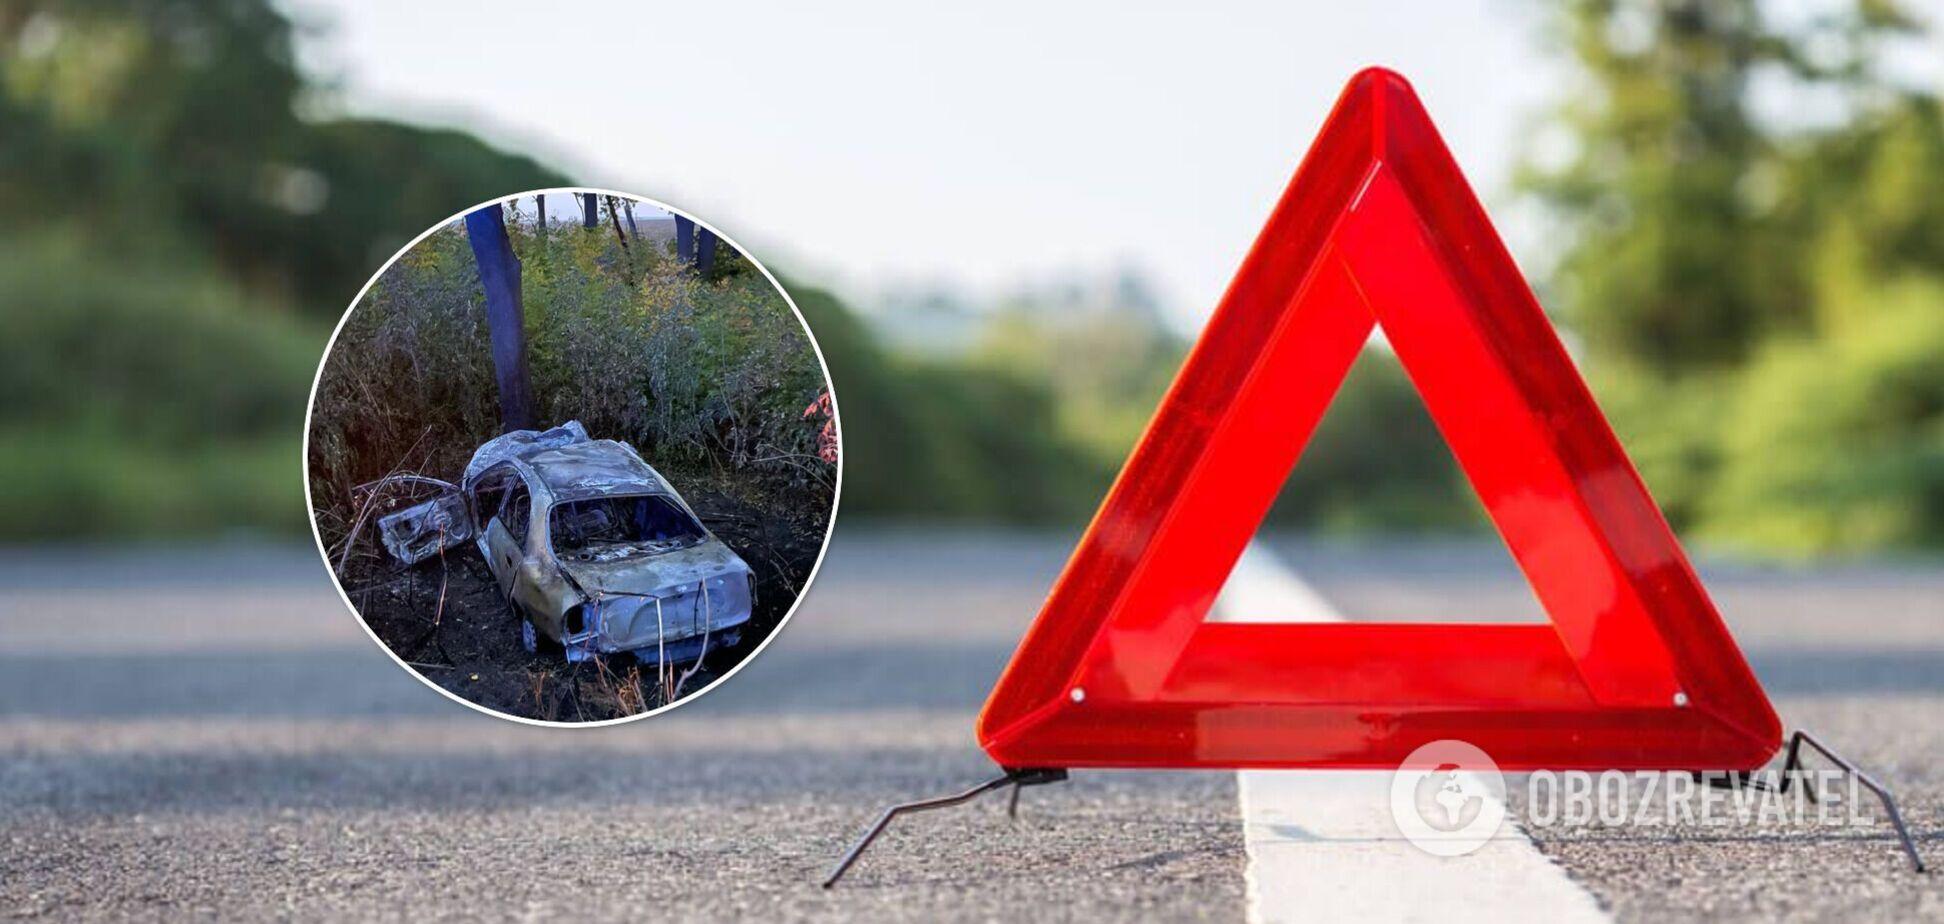 На Вінниччині авто злетіло в кювет і загорілося: водій загинув на місці. Фото